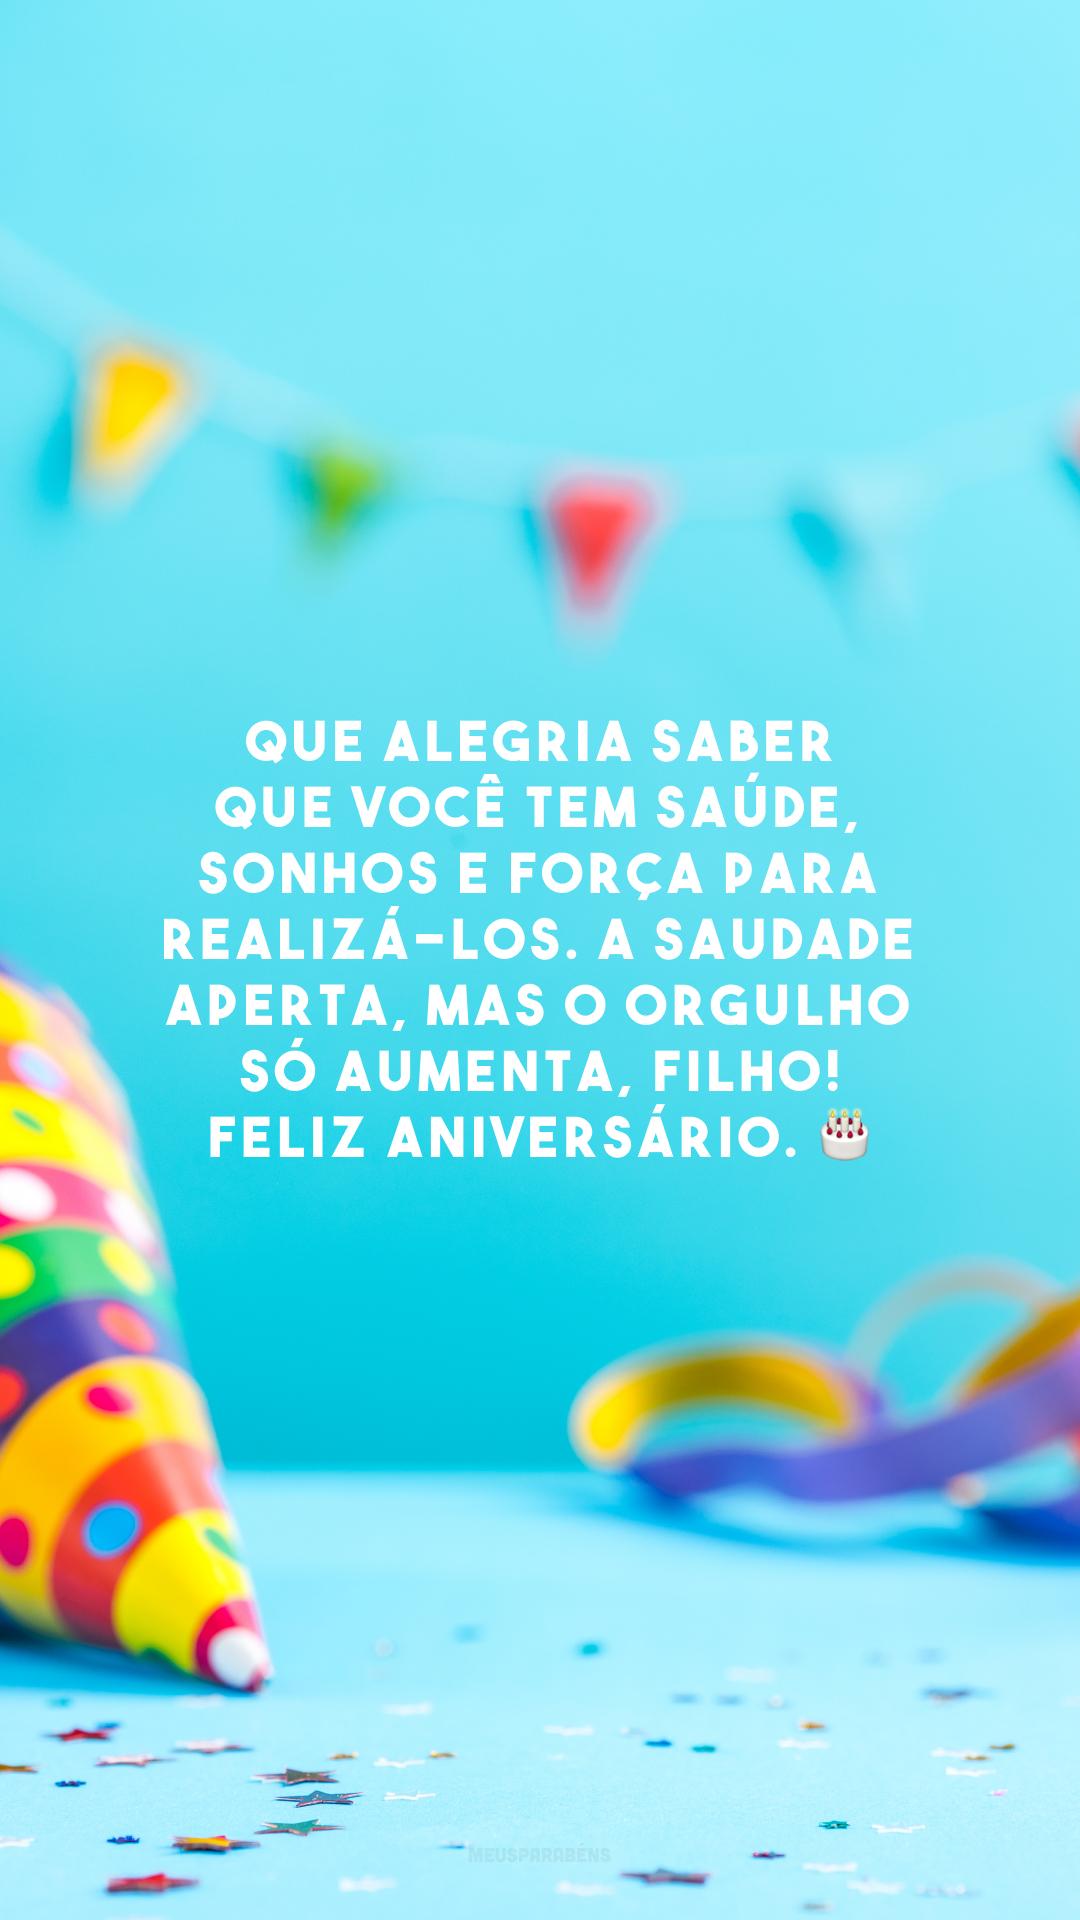 Que alegria saber que você tem saúde, sonhos e força para realizá-los. A saudade aperta, mas o orgulho só aumenta, filho! Feliz aniversário. 🎂